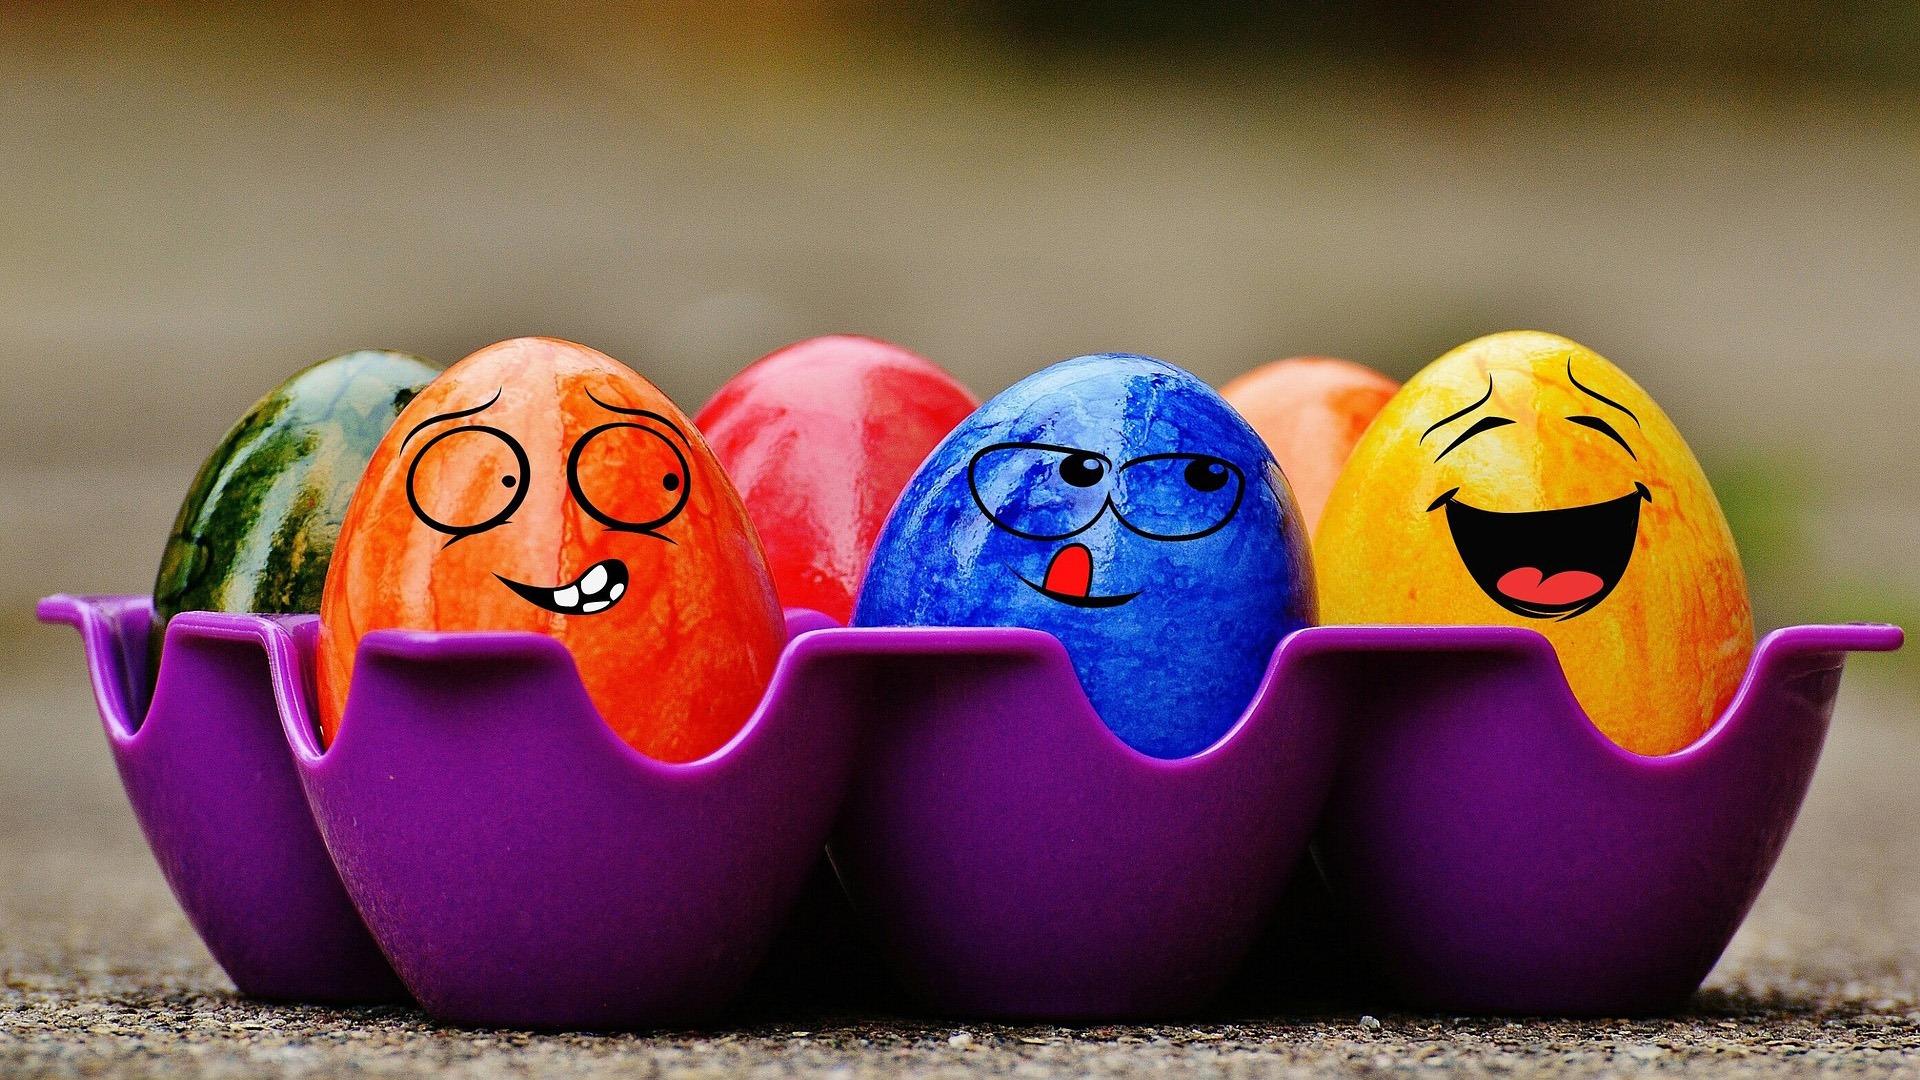 Pasqua familing